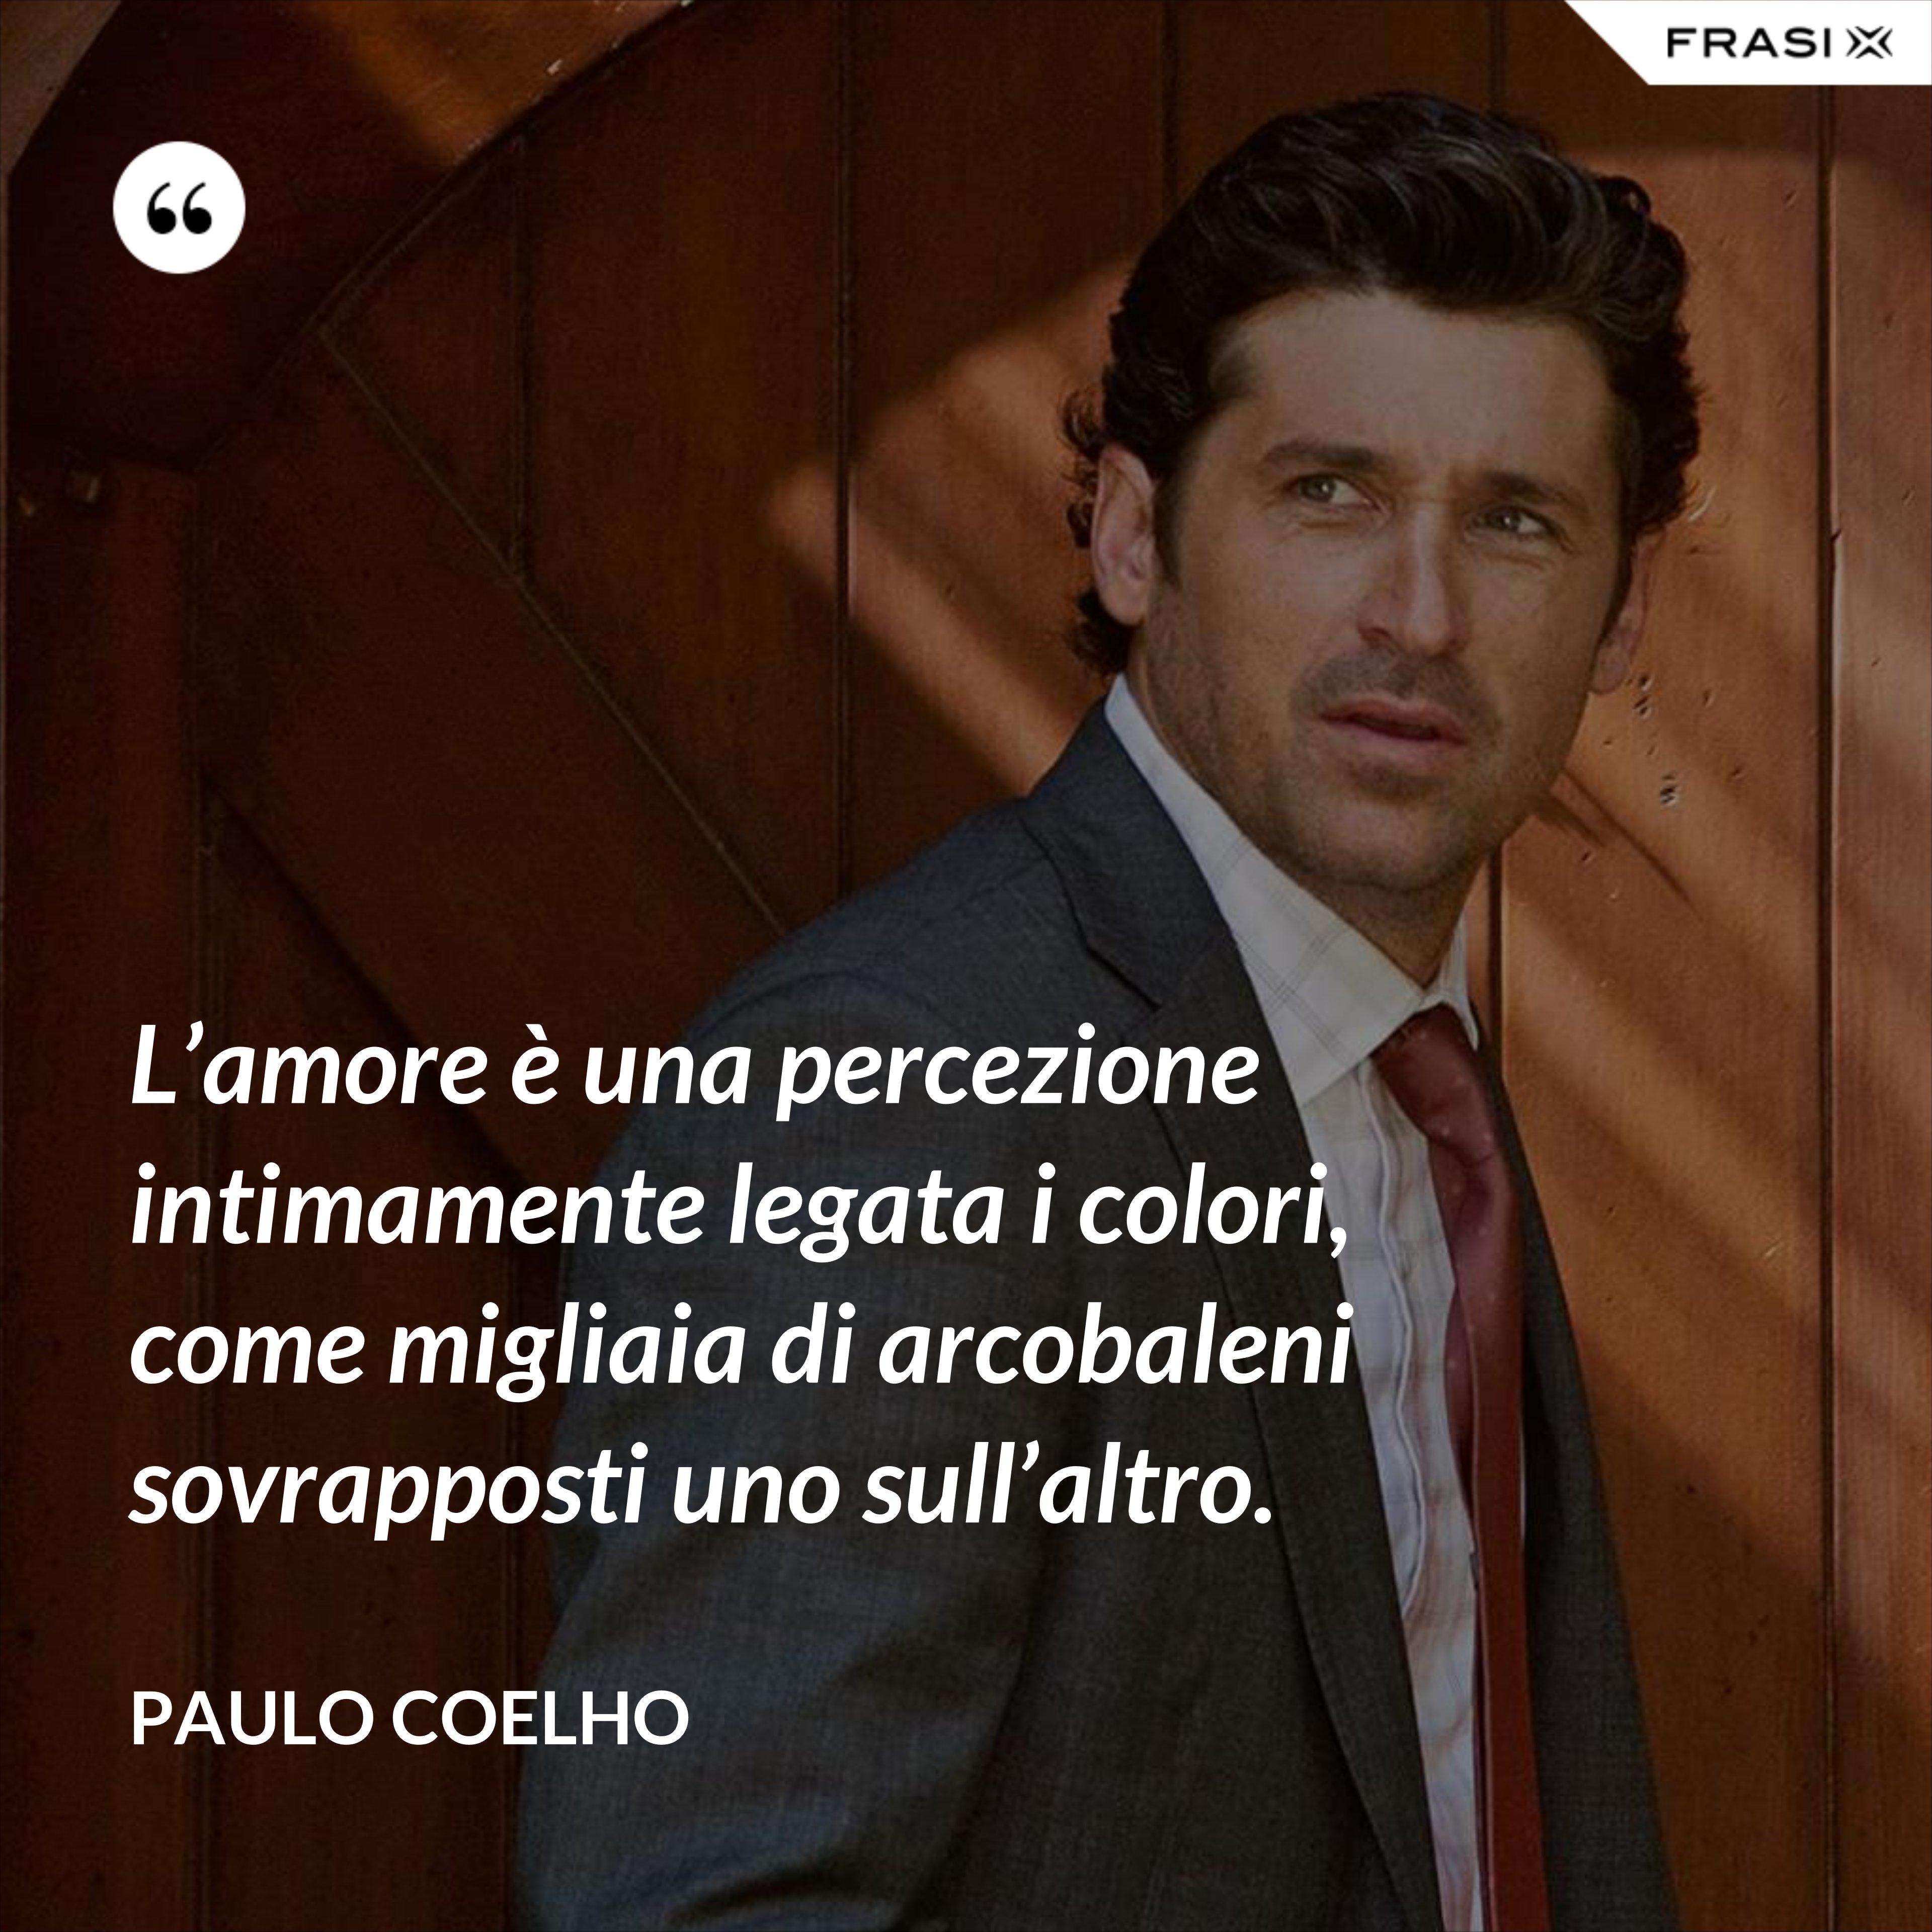 L'amore è una percezione intimamente legata i colori, come migliaia di arcobaleni sovrapposti uno sull'altro. - Paulo Coelho